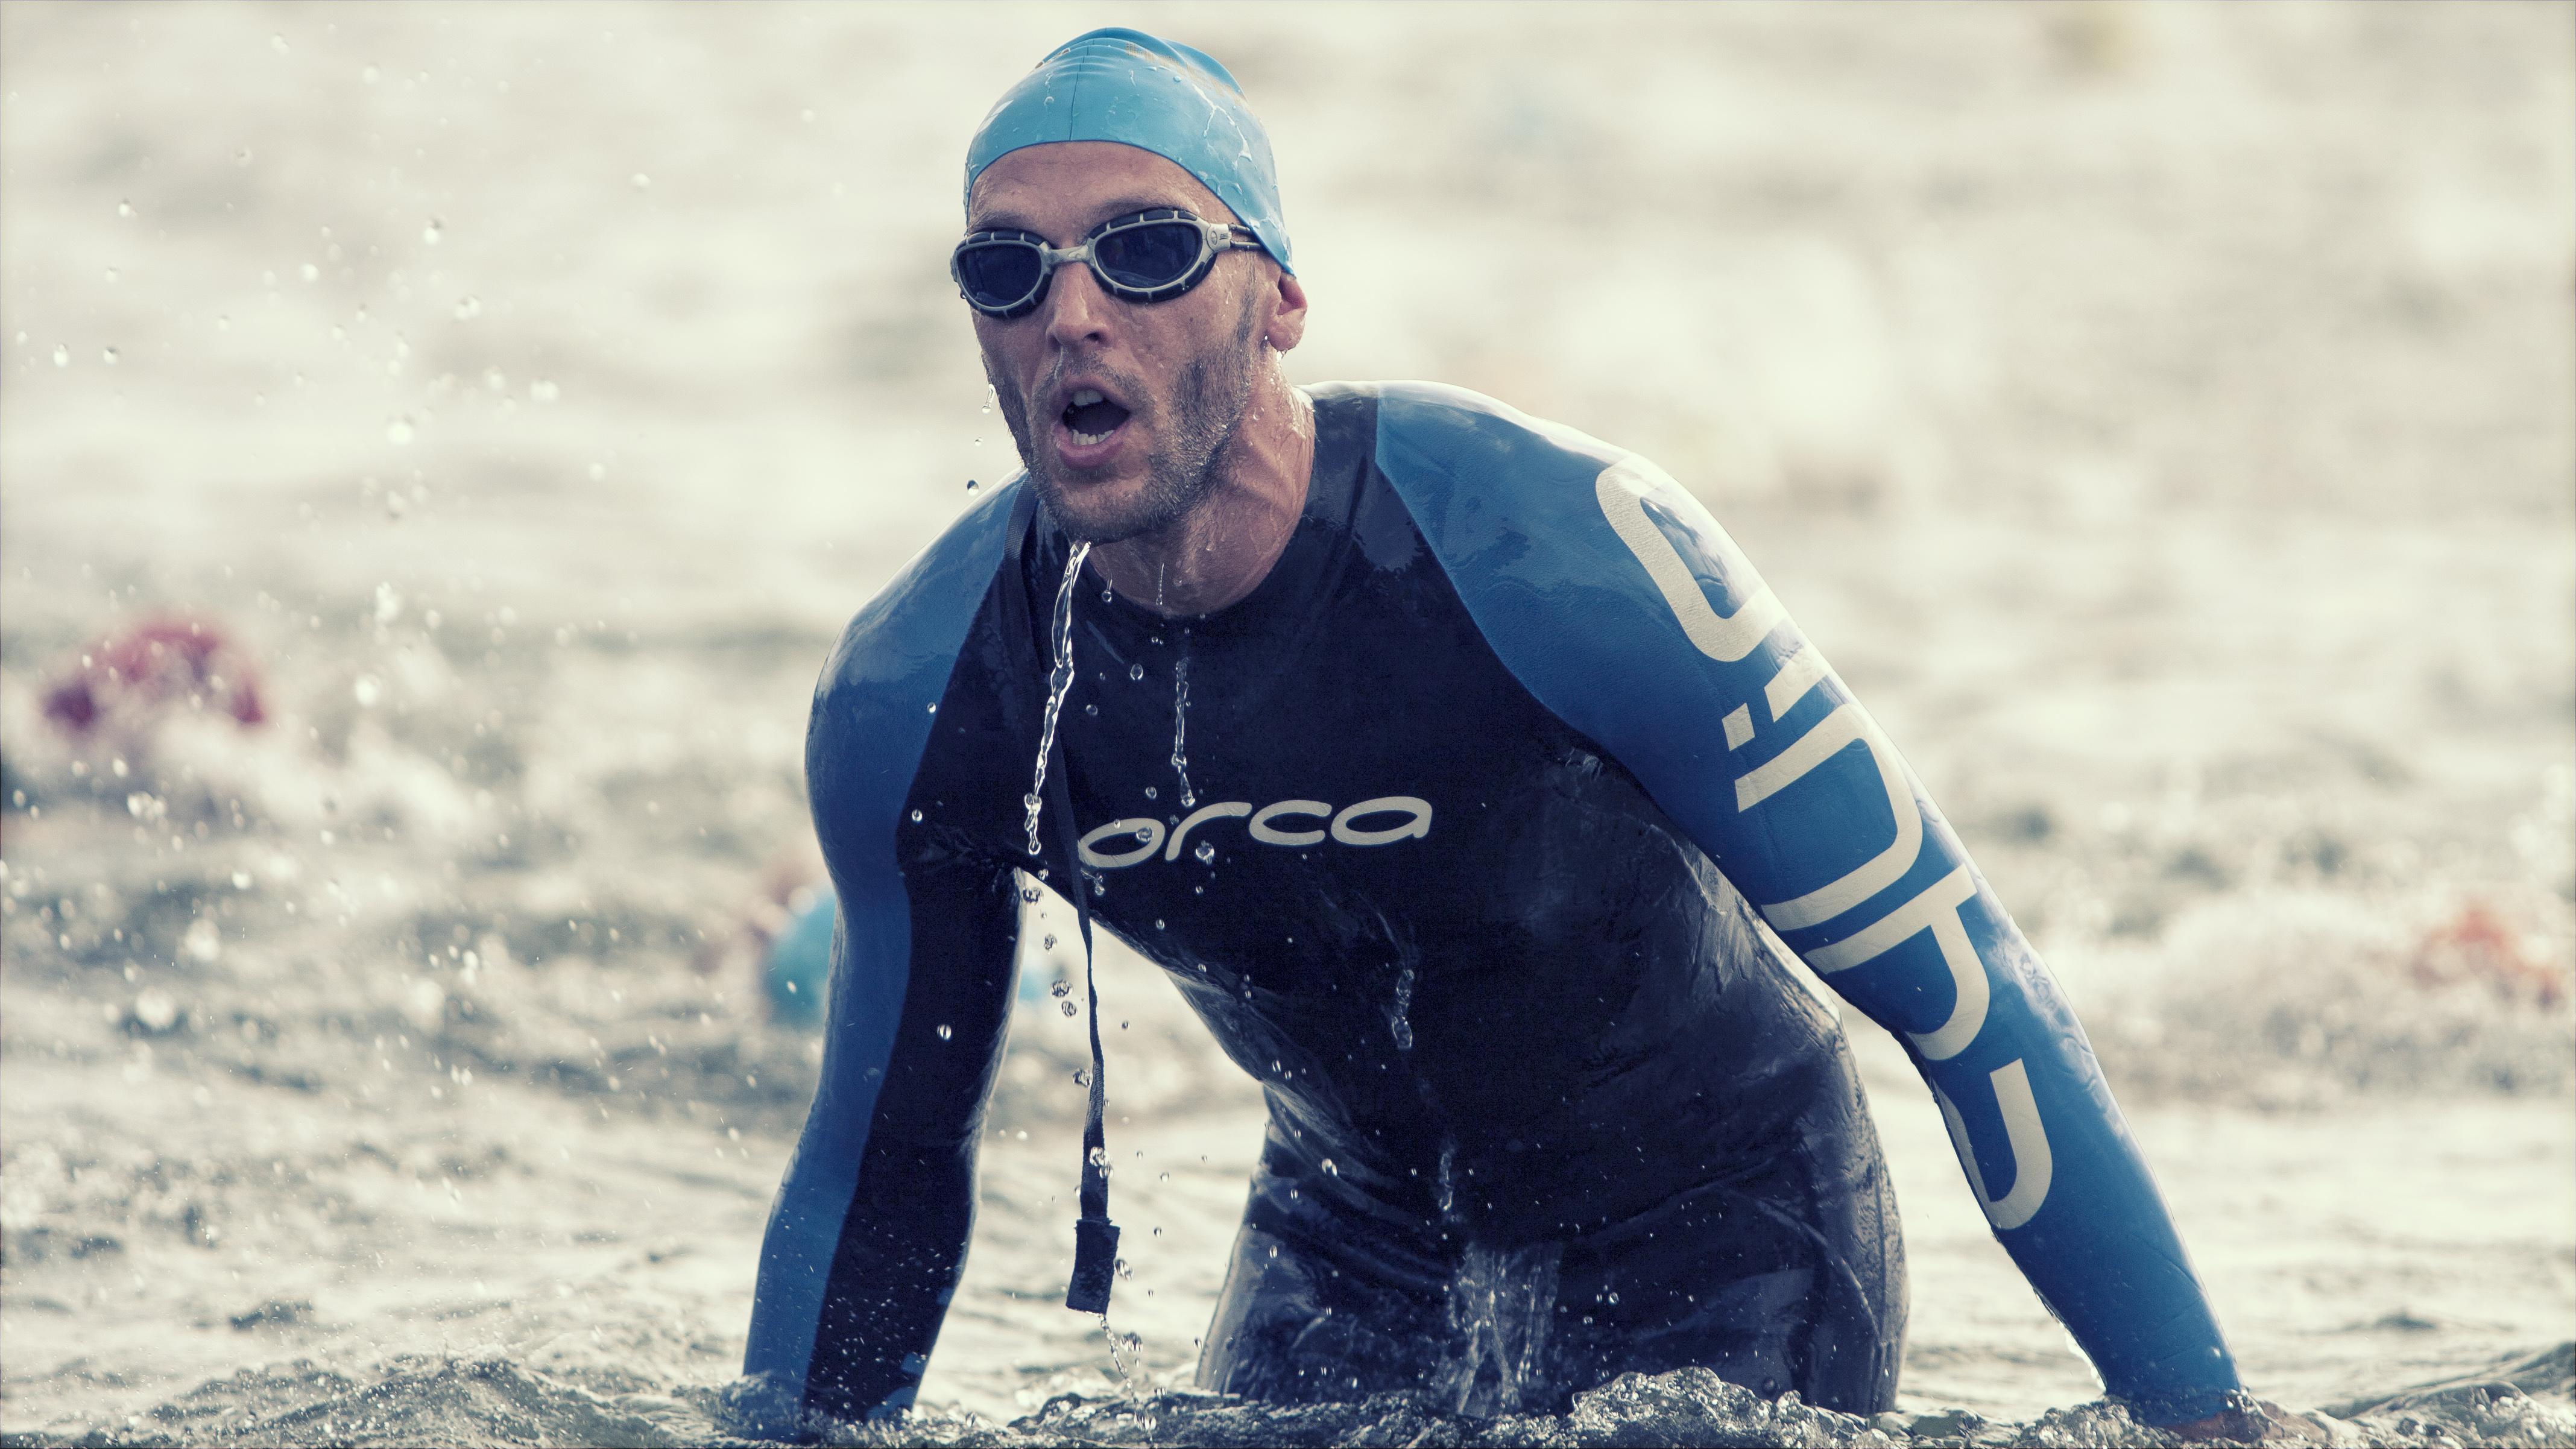 Jeden zo spôsobov ako trénovať na Ironman | Michal Truban | Blog